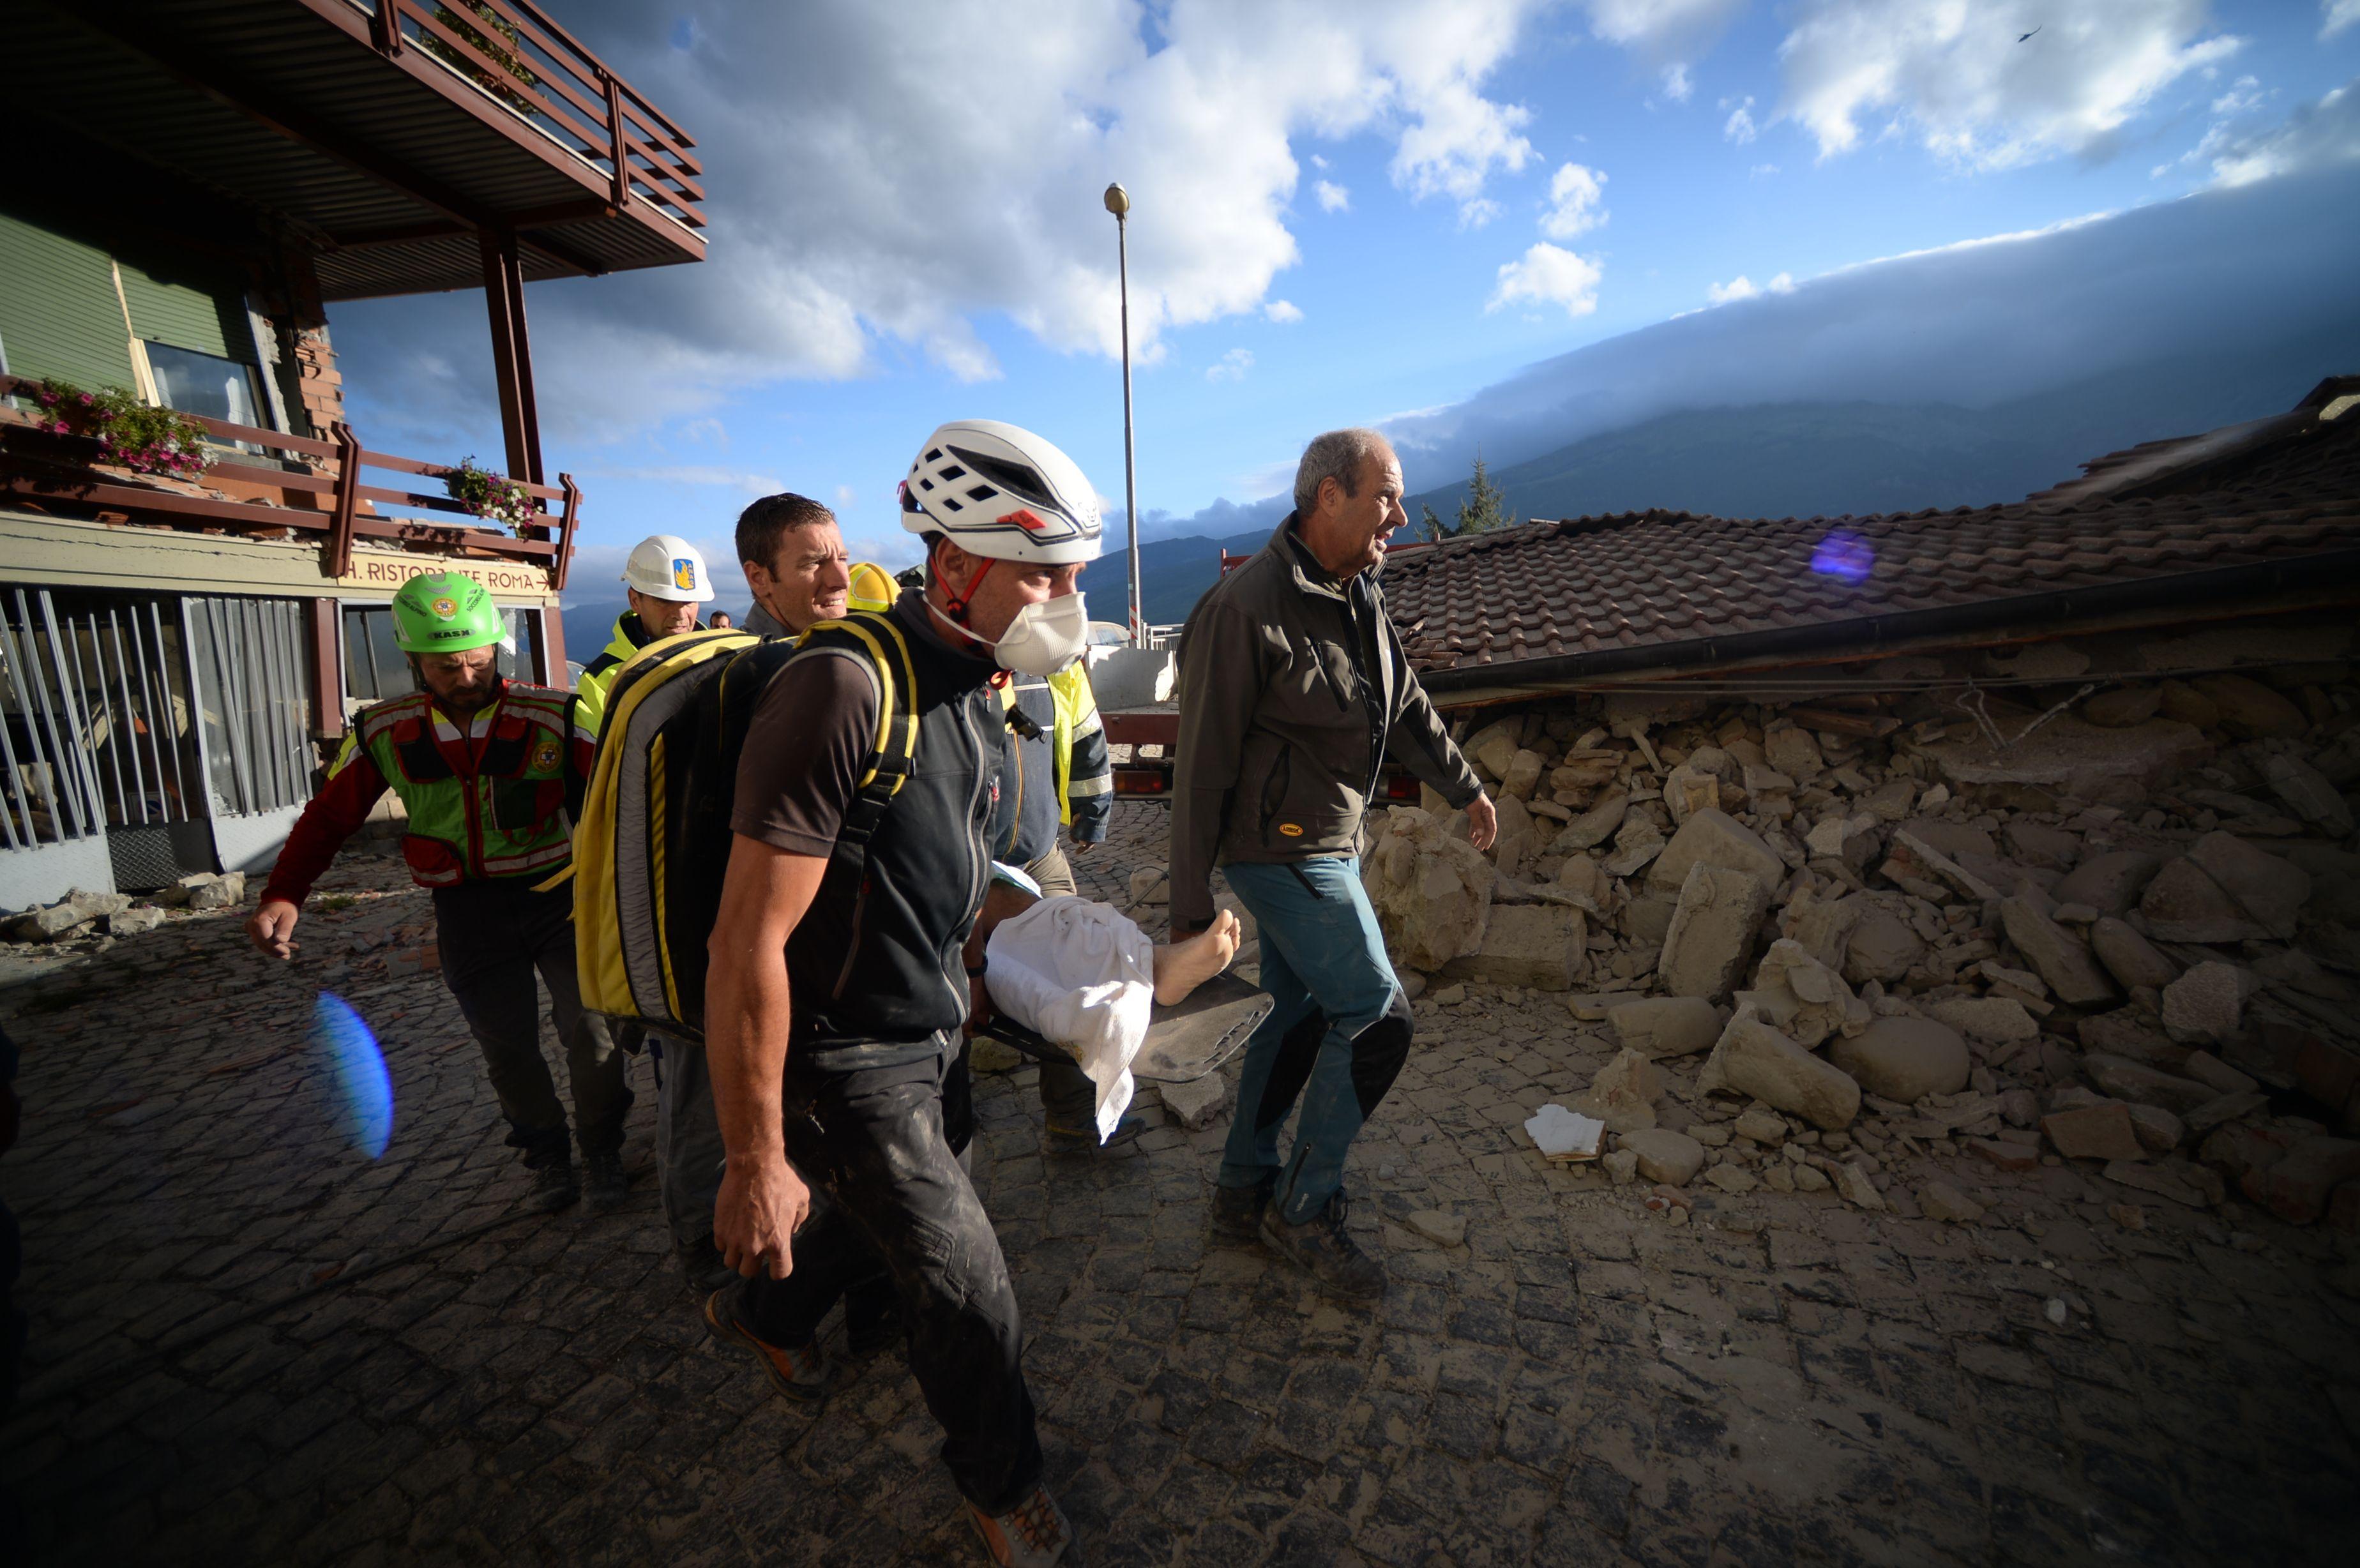 Glābšanas darbi pēc zemestrīces Itālijas vidienē